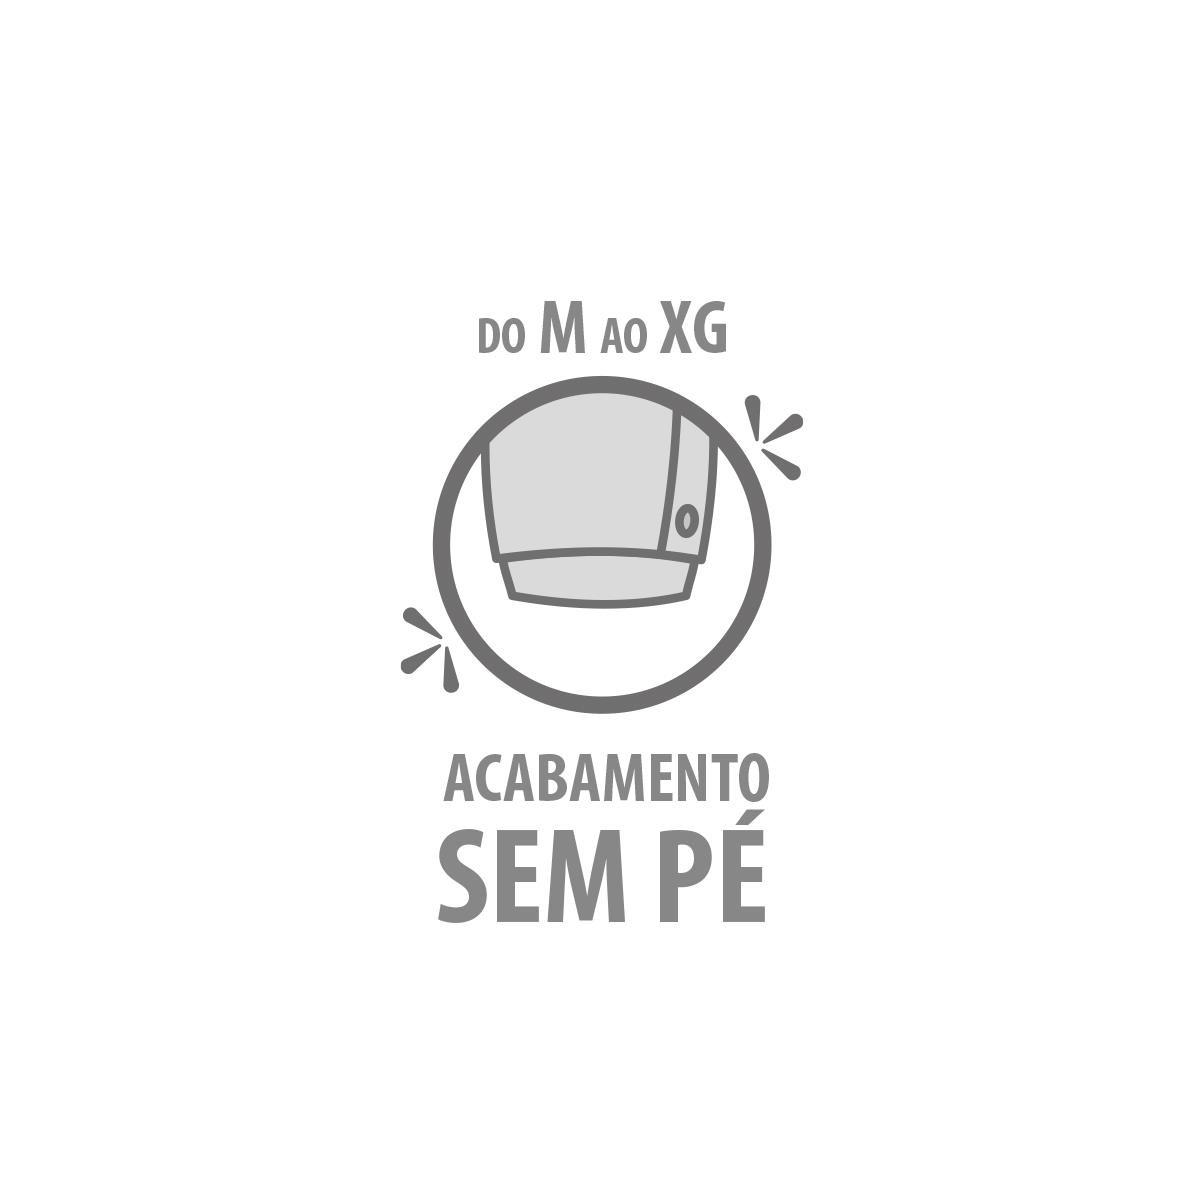 Macacão Bebê Básico Poá Marinho - Tamanhos RN e P com pezinho; M, G e XG sem pezinho  - Piu Blu